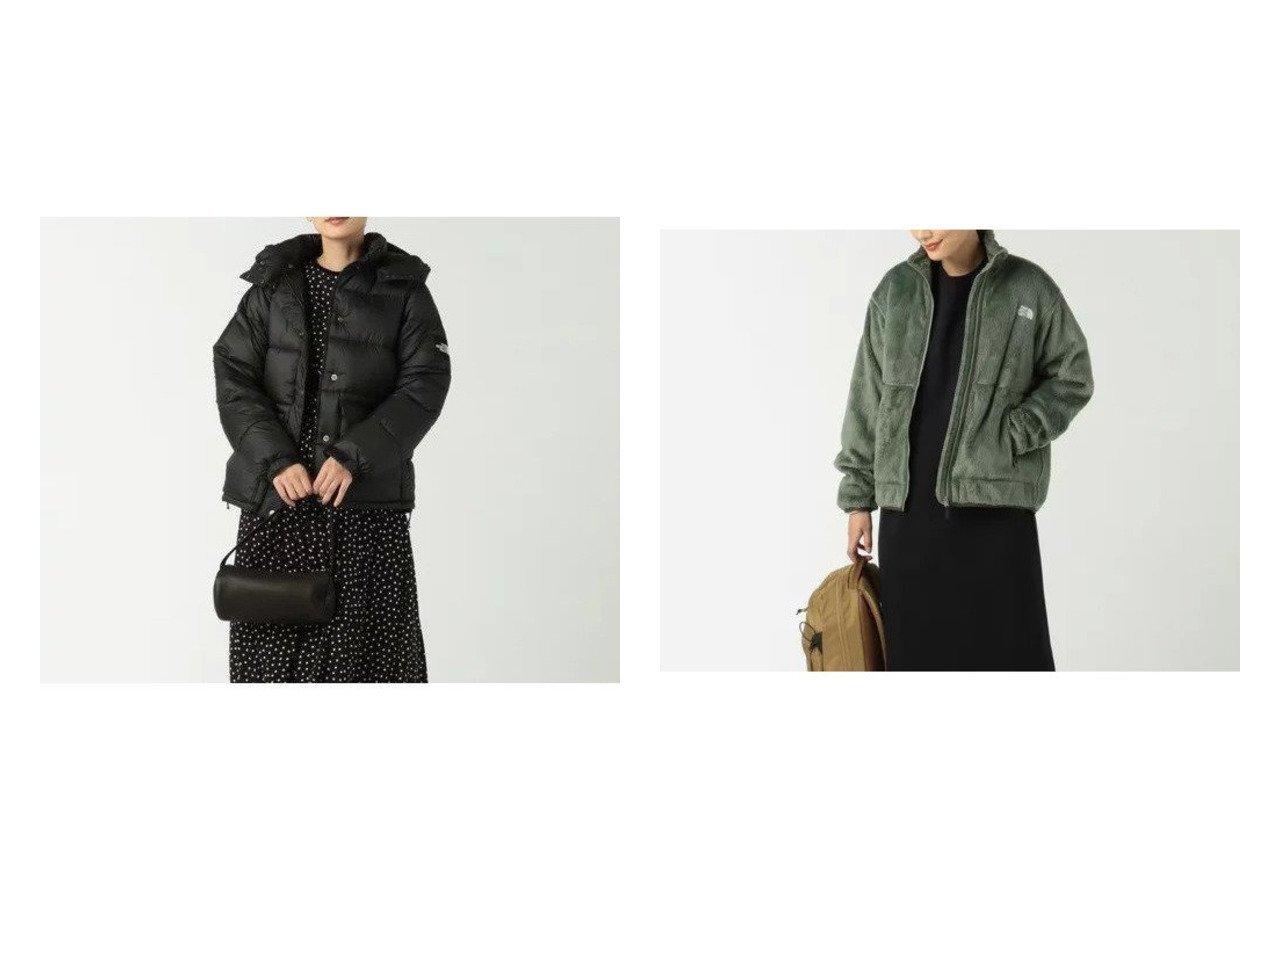 【THE NORTH FACE/ザ ノース フェイス】のCamp Sierra Short&ZI MAgne Extreme Versa Loft Jacket 【アウター】おすすめ!人気、トレンド・レディースファッションの通販 おすすめで人気の流行・トレンド、ファッションの通販商品 インテリア・家具・メンズファッション・キッズファッション・レディースファッション・服の通販 founy(ファニー) https://founy.com/ ファッション Fashion レディースファッション WOMEN アウター Coat Outerwear コート Coats ジャケット Jackets アウトドア シルバー ジャケット ダウン フラップ フロント ボックス ポケット  ID:crp329100000056368